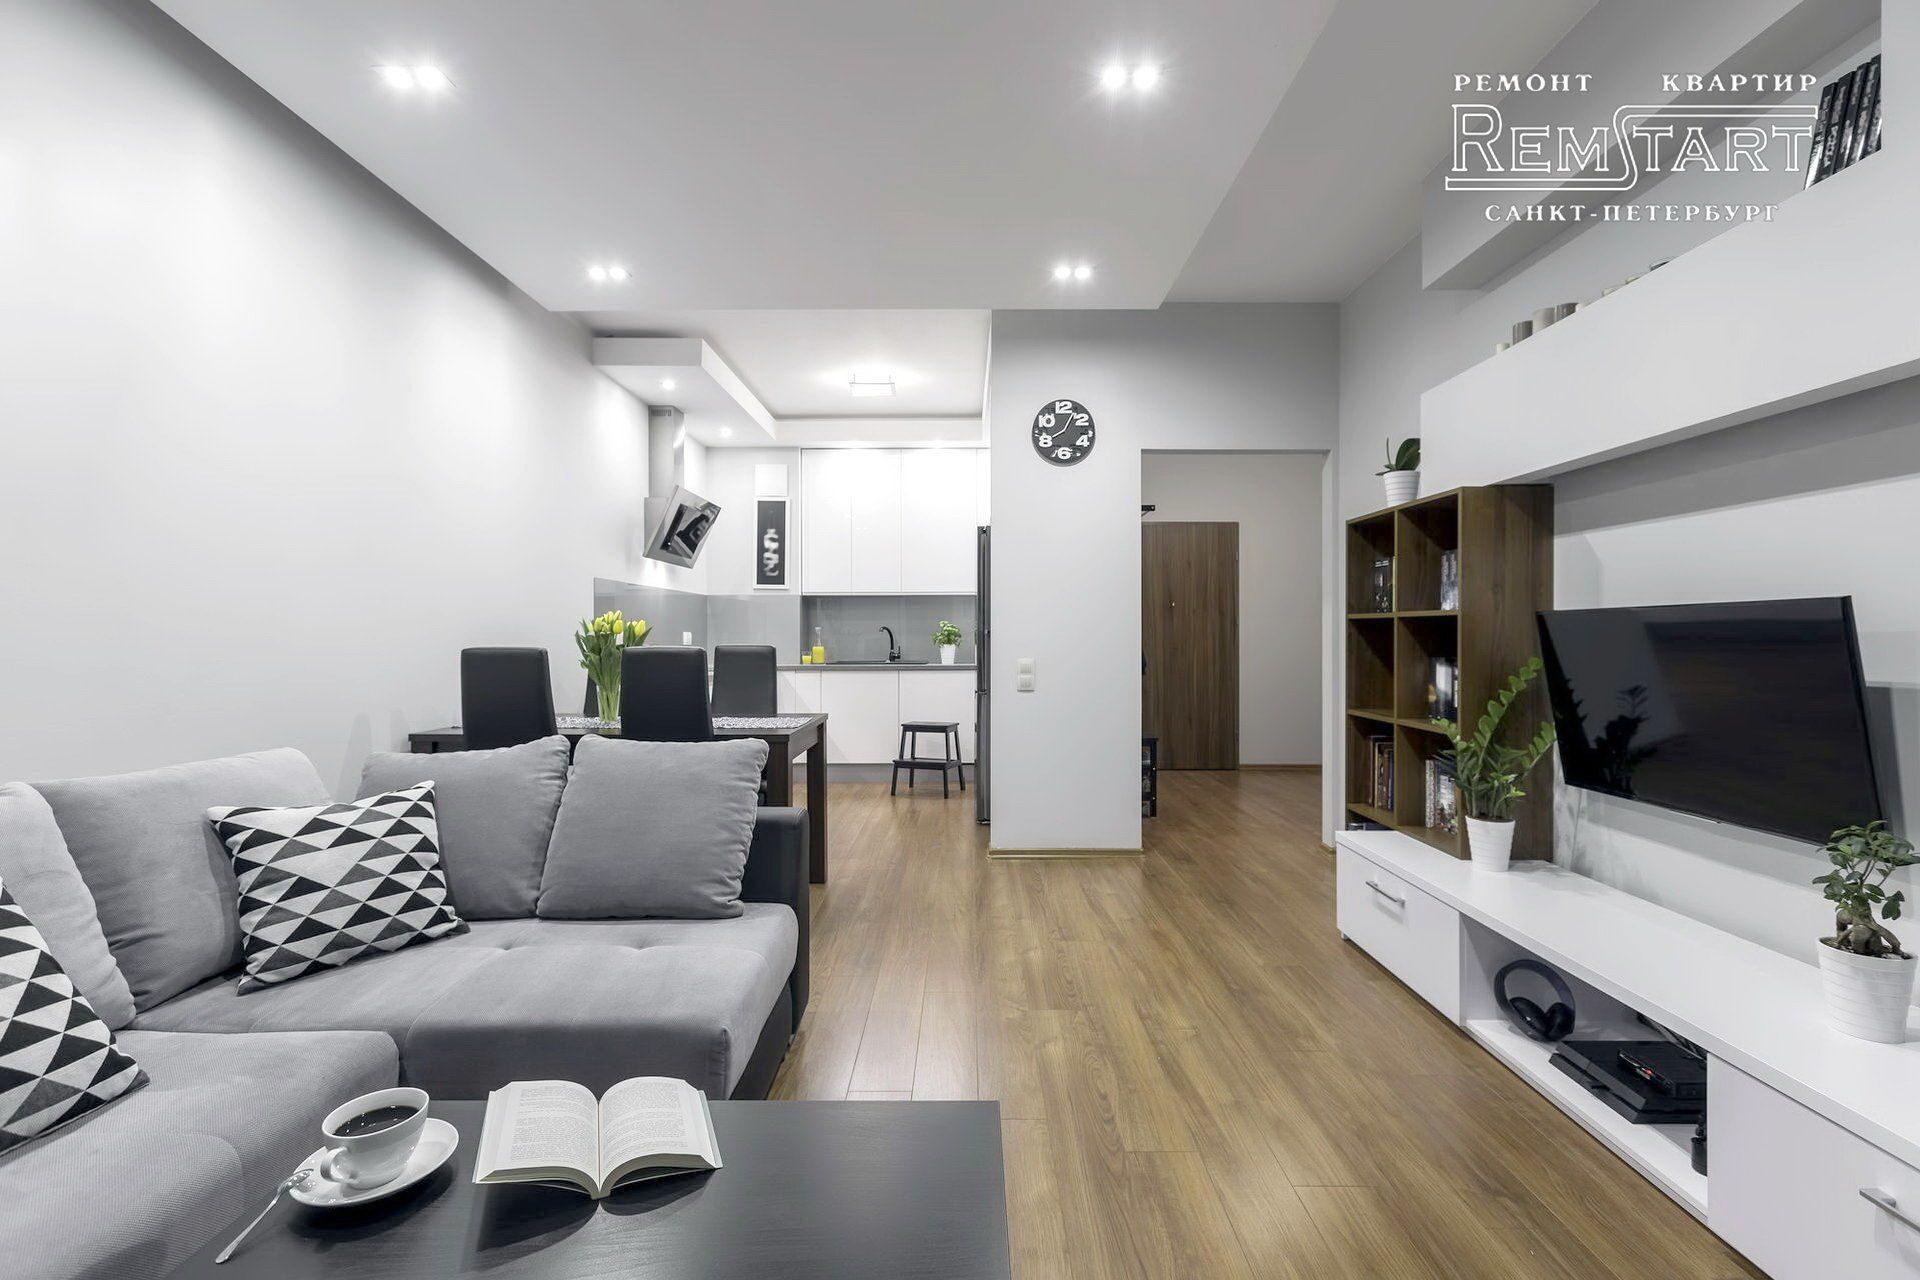 Ремонт и отделка квартир в Электростали по индивидуальному